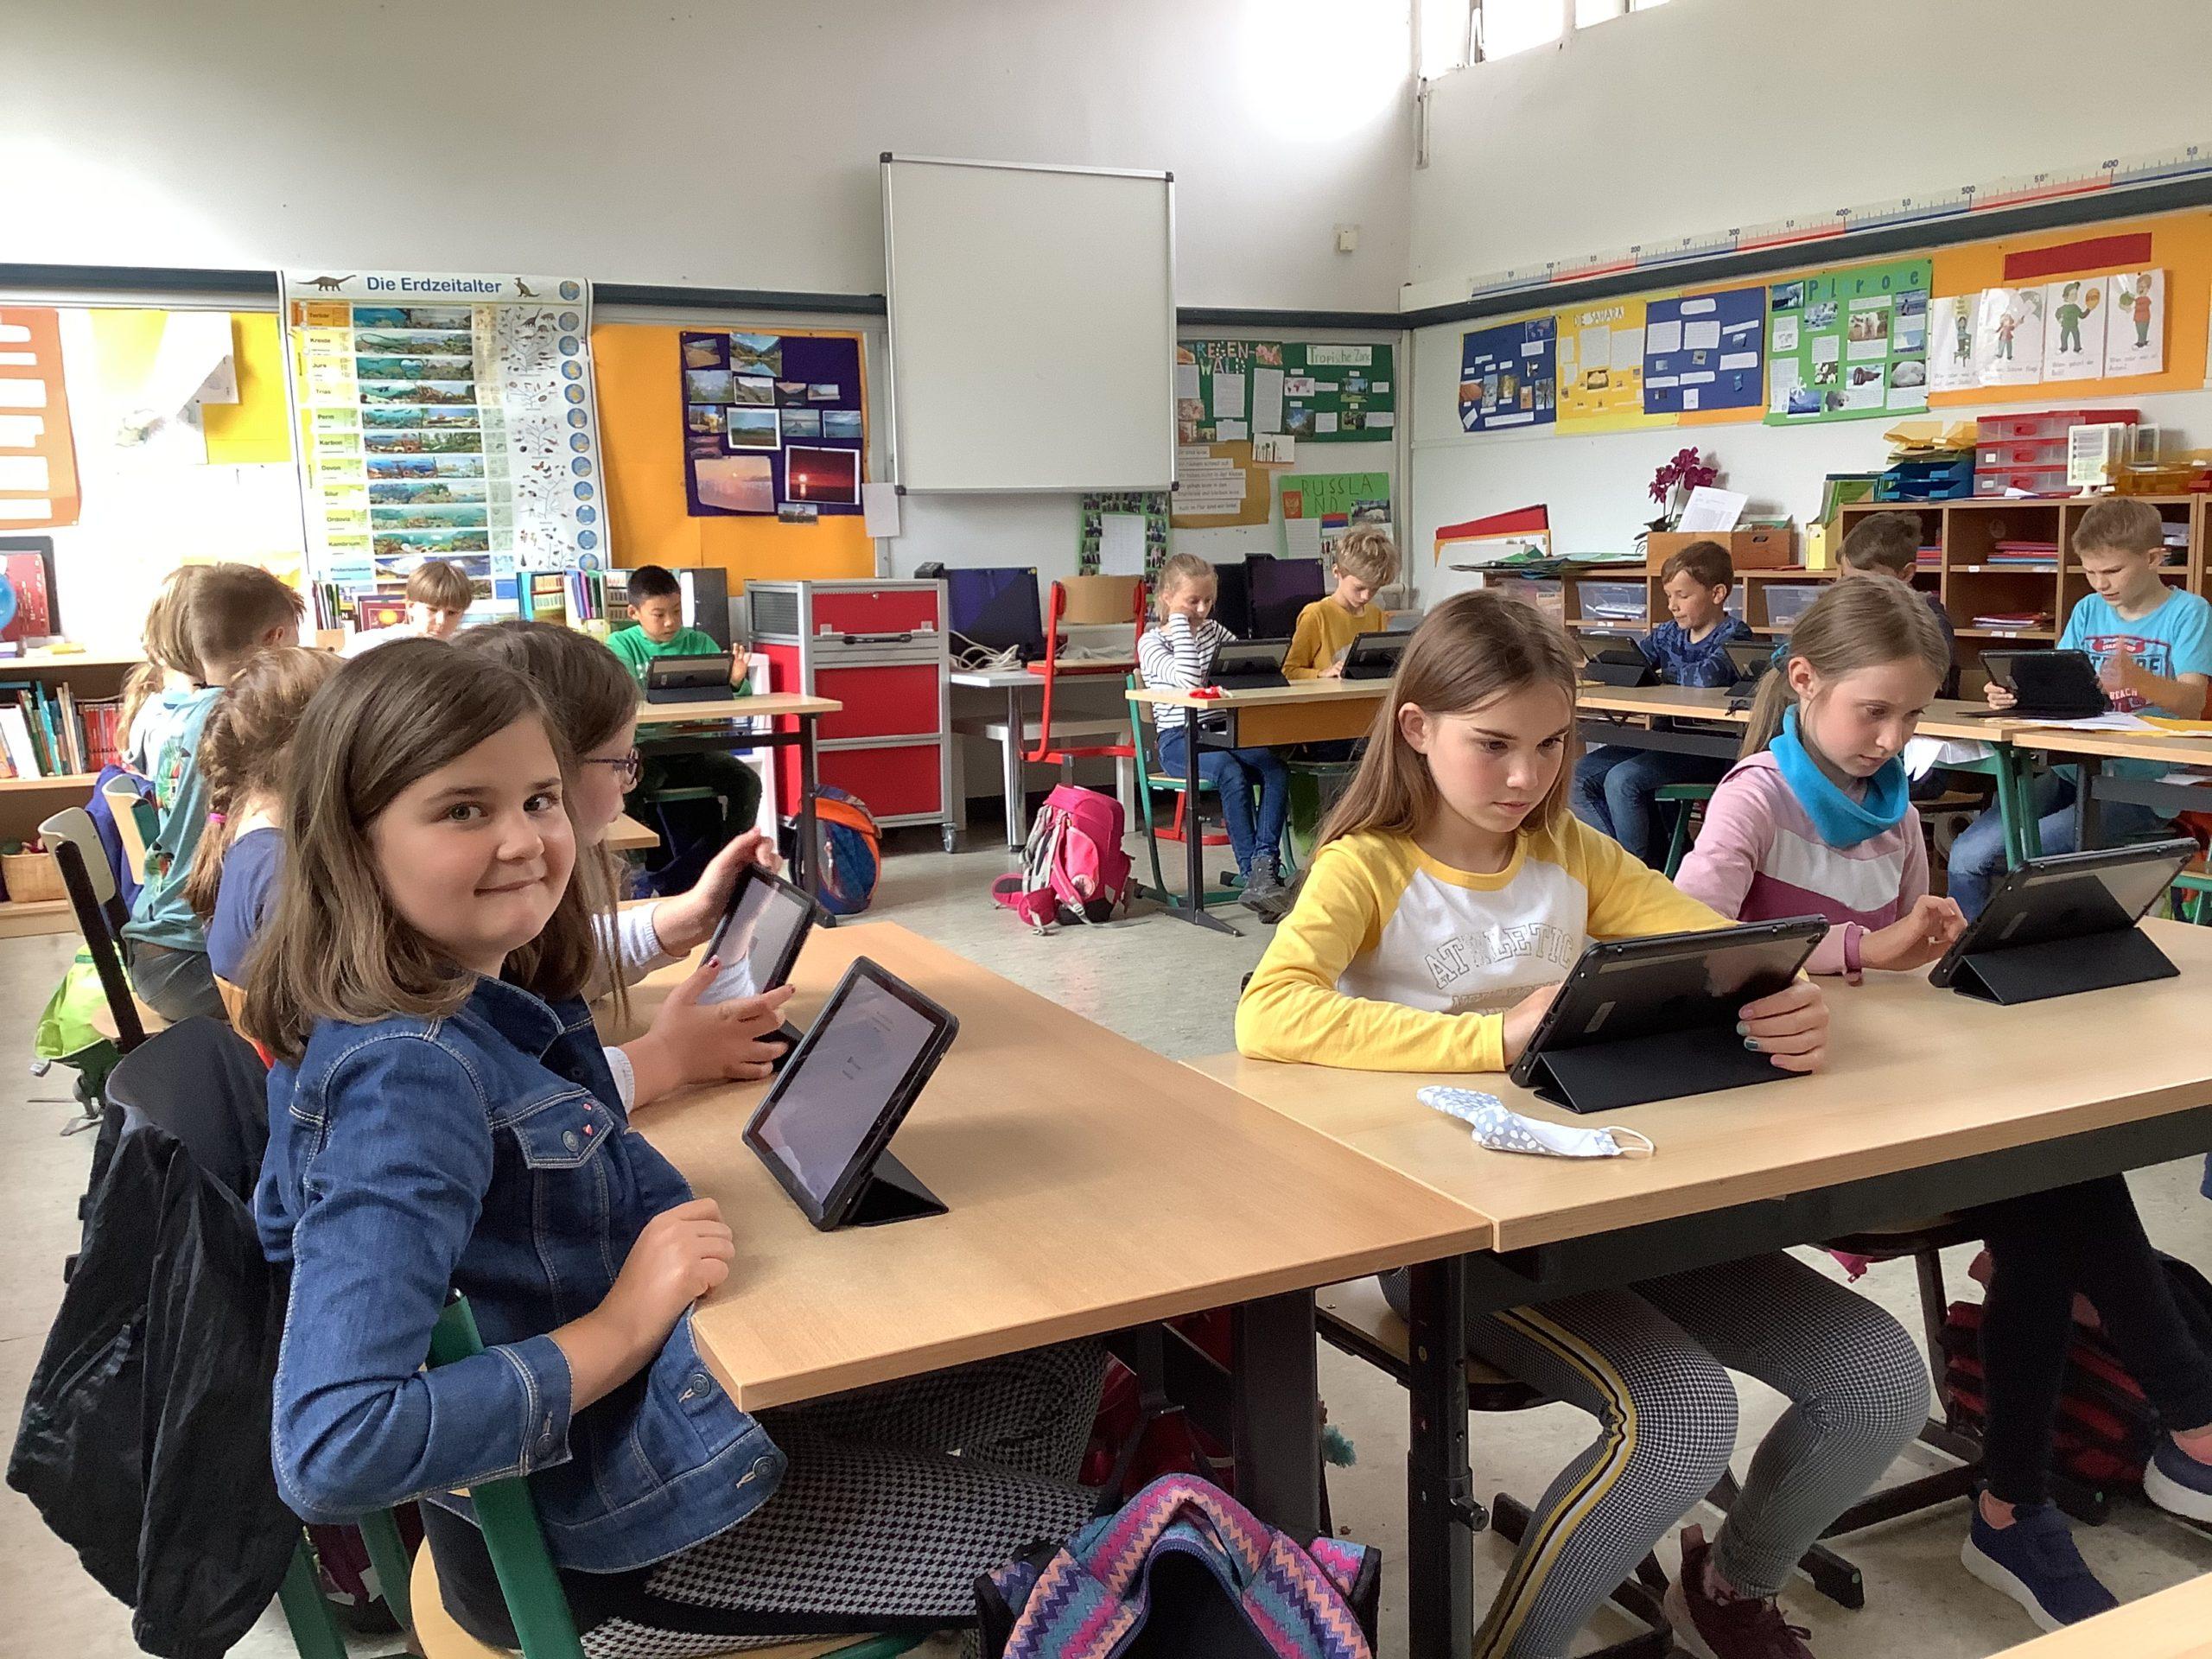 Heute wurden für unsere Schule 25 iPads geliefert!